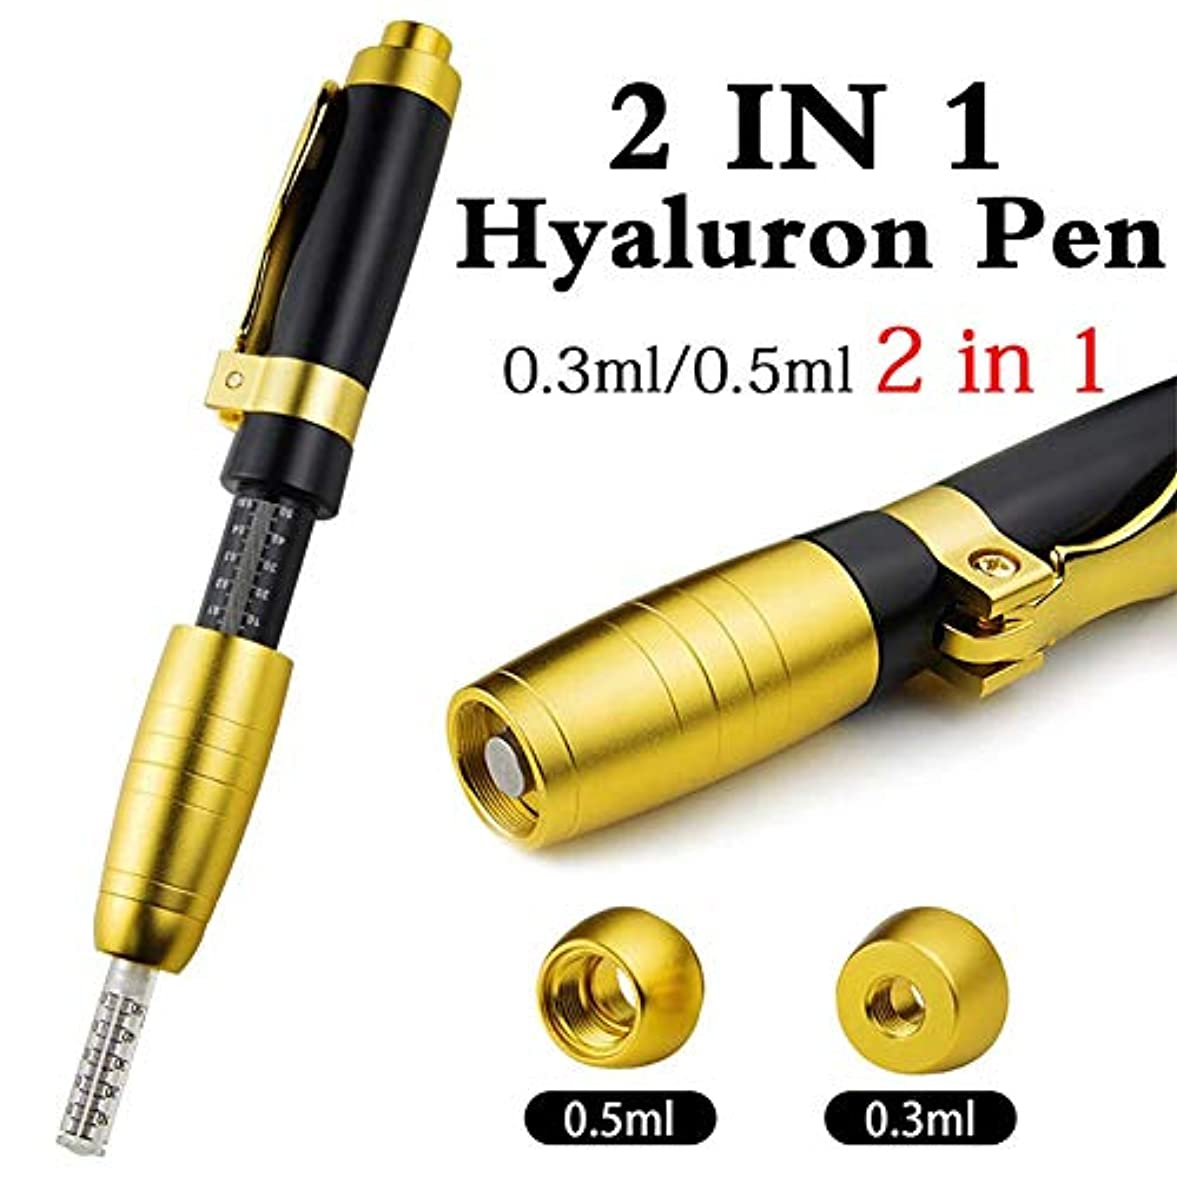 反抗寝具懇願する2 in 1 2ヘッドヒアルロンペン0.3ml&0.5mlヒアルロン注射ペンヒアルロン酸注射器リップフィラー針無料注射ペン